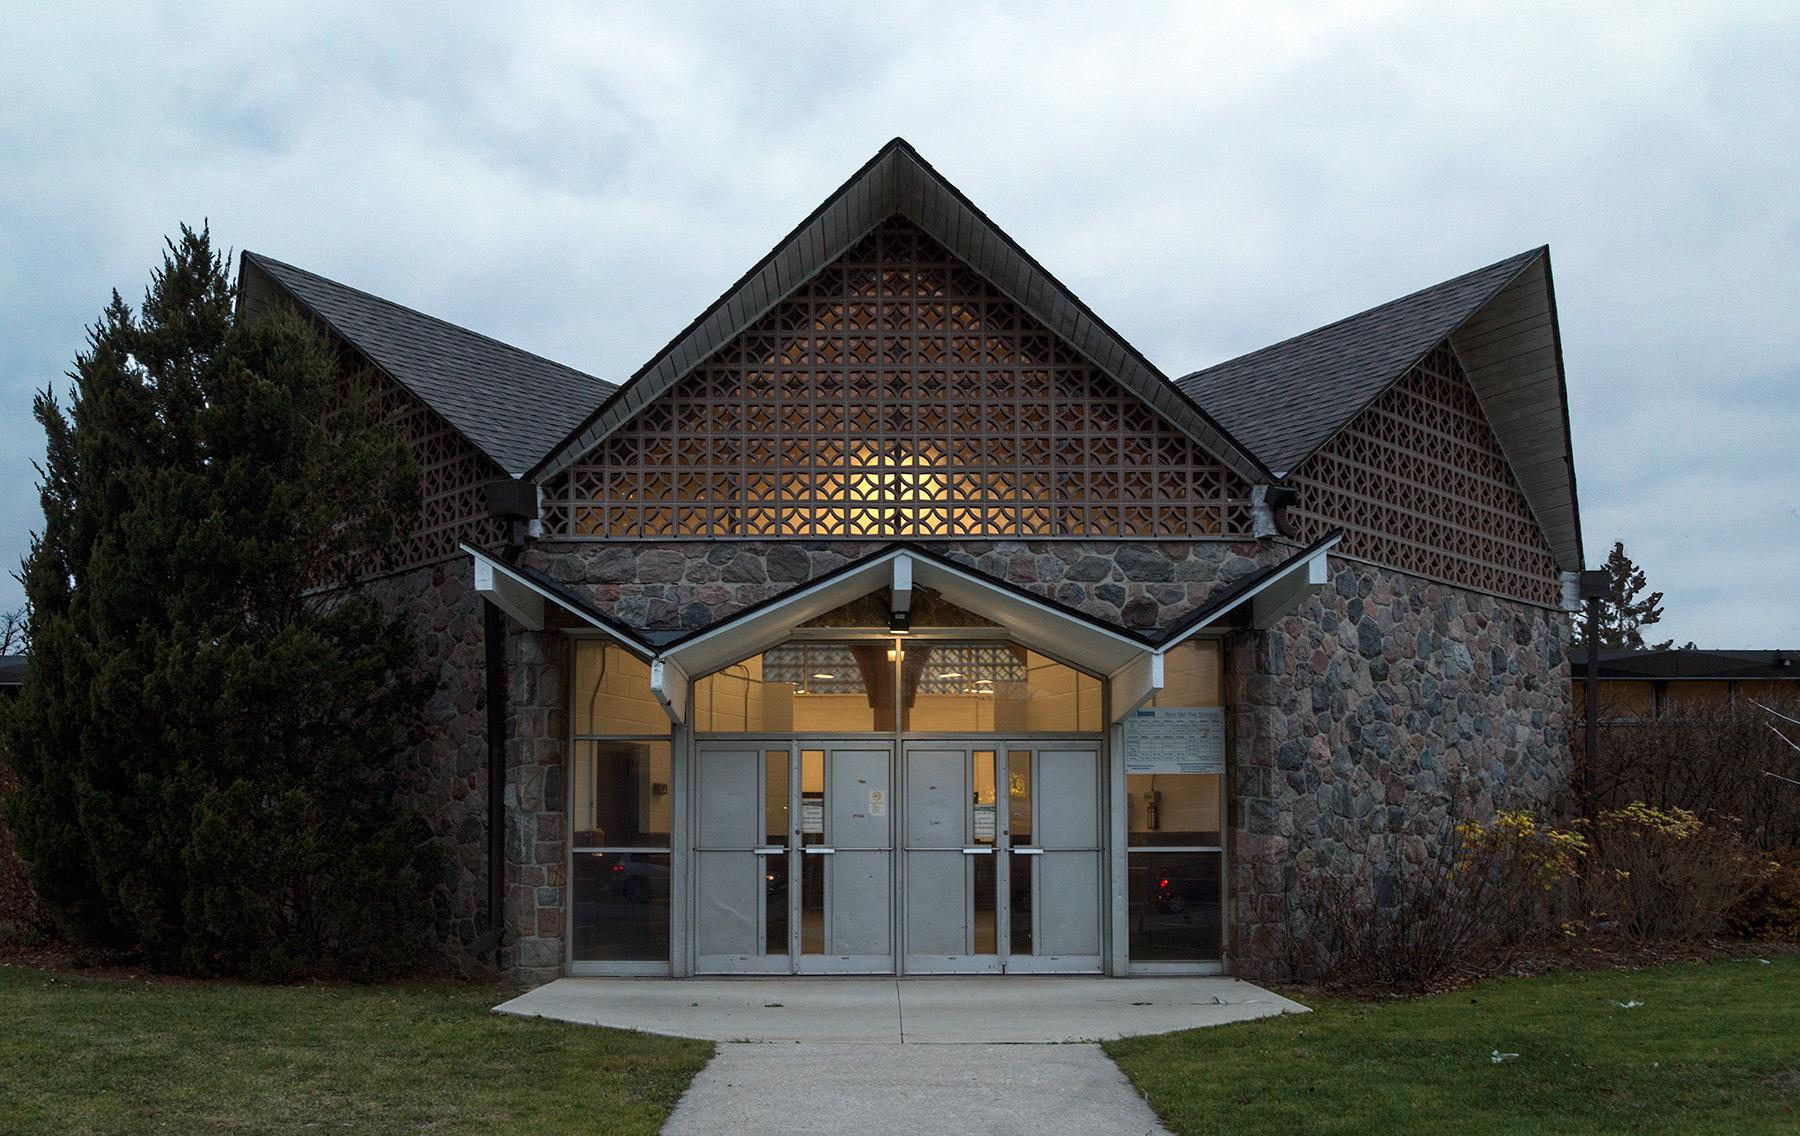 20160115. Archetypal octagonal zig zag modernist architecture in